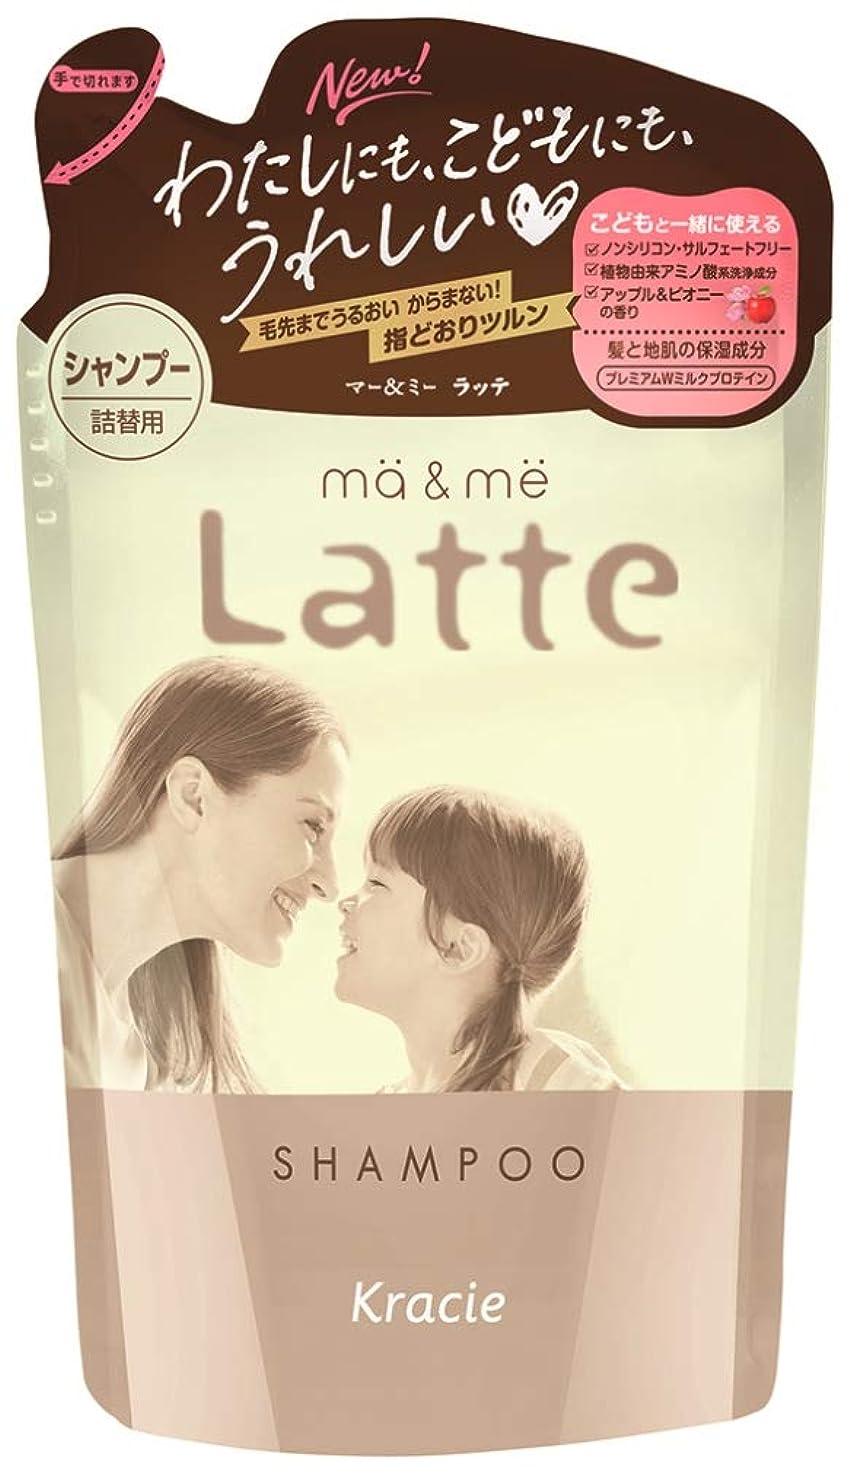 タンク警告学期マー&ミーLatte シャンプー詰替360mL プレミアムWミルクプロテイン配合(アップル&ピオニーの香り)